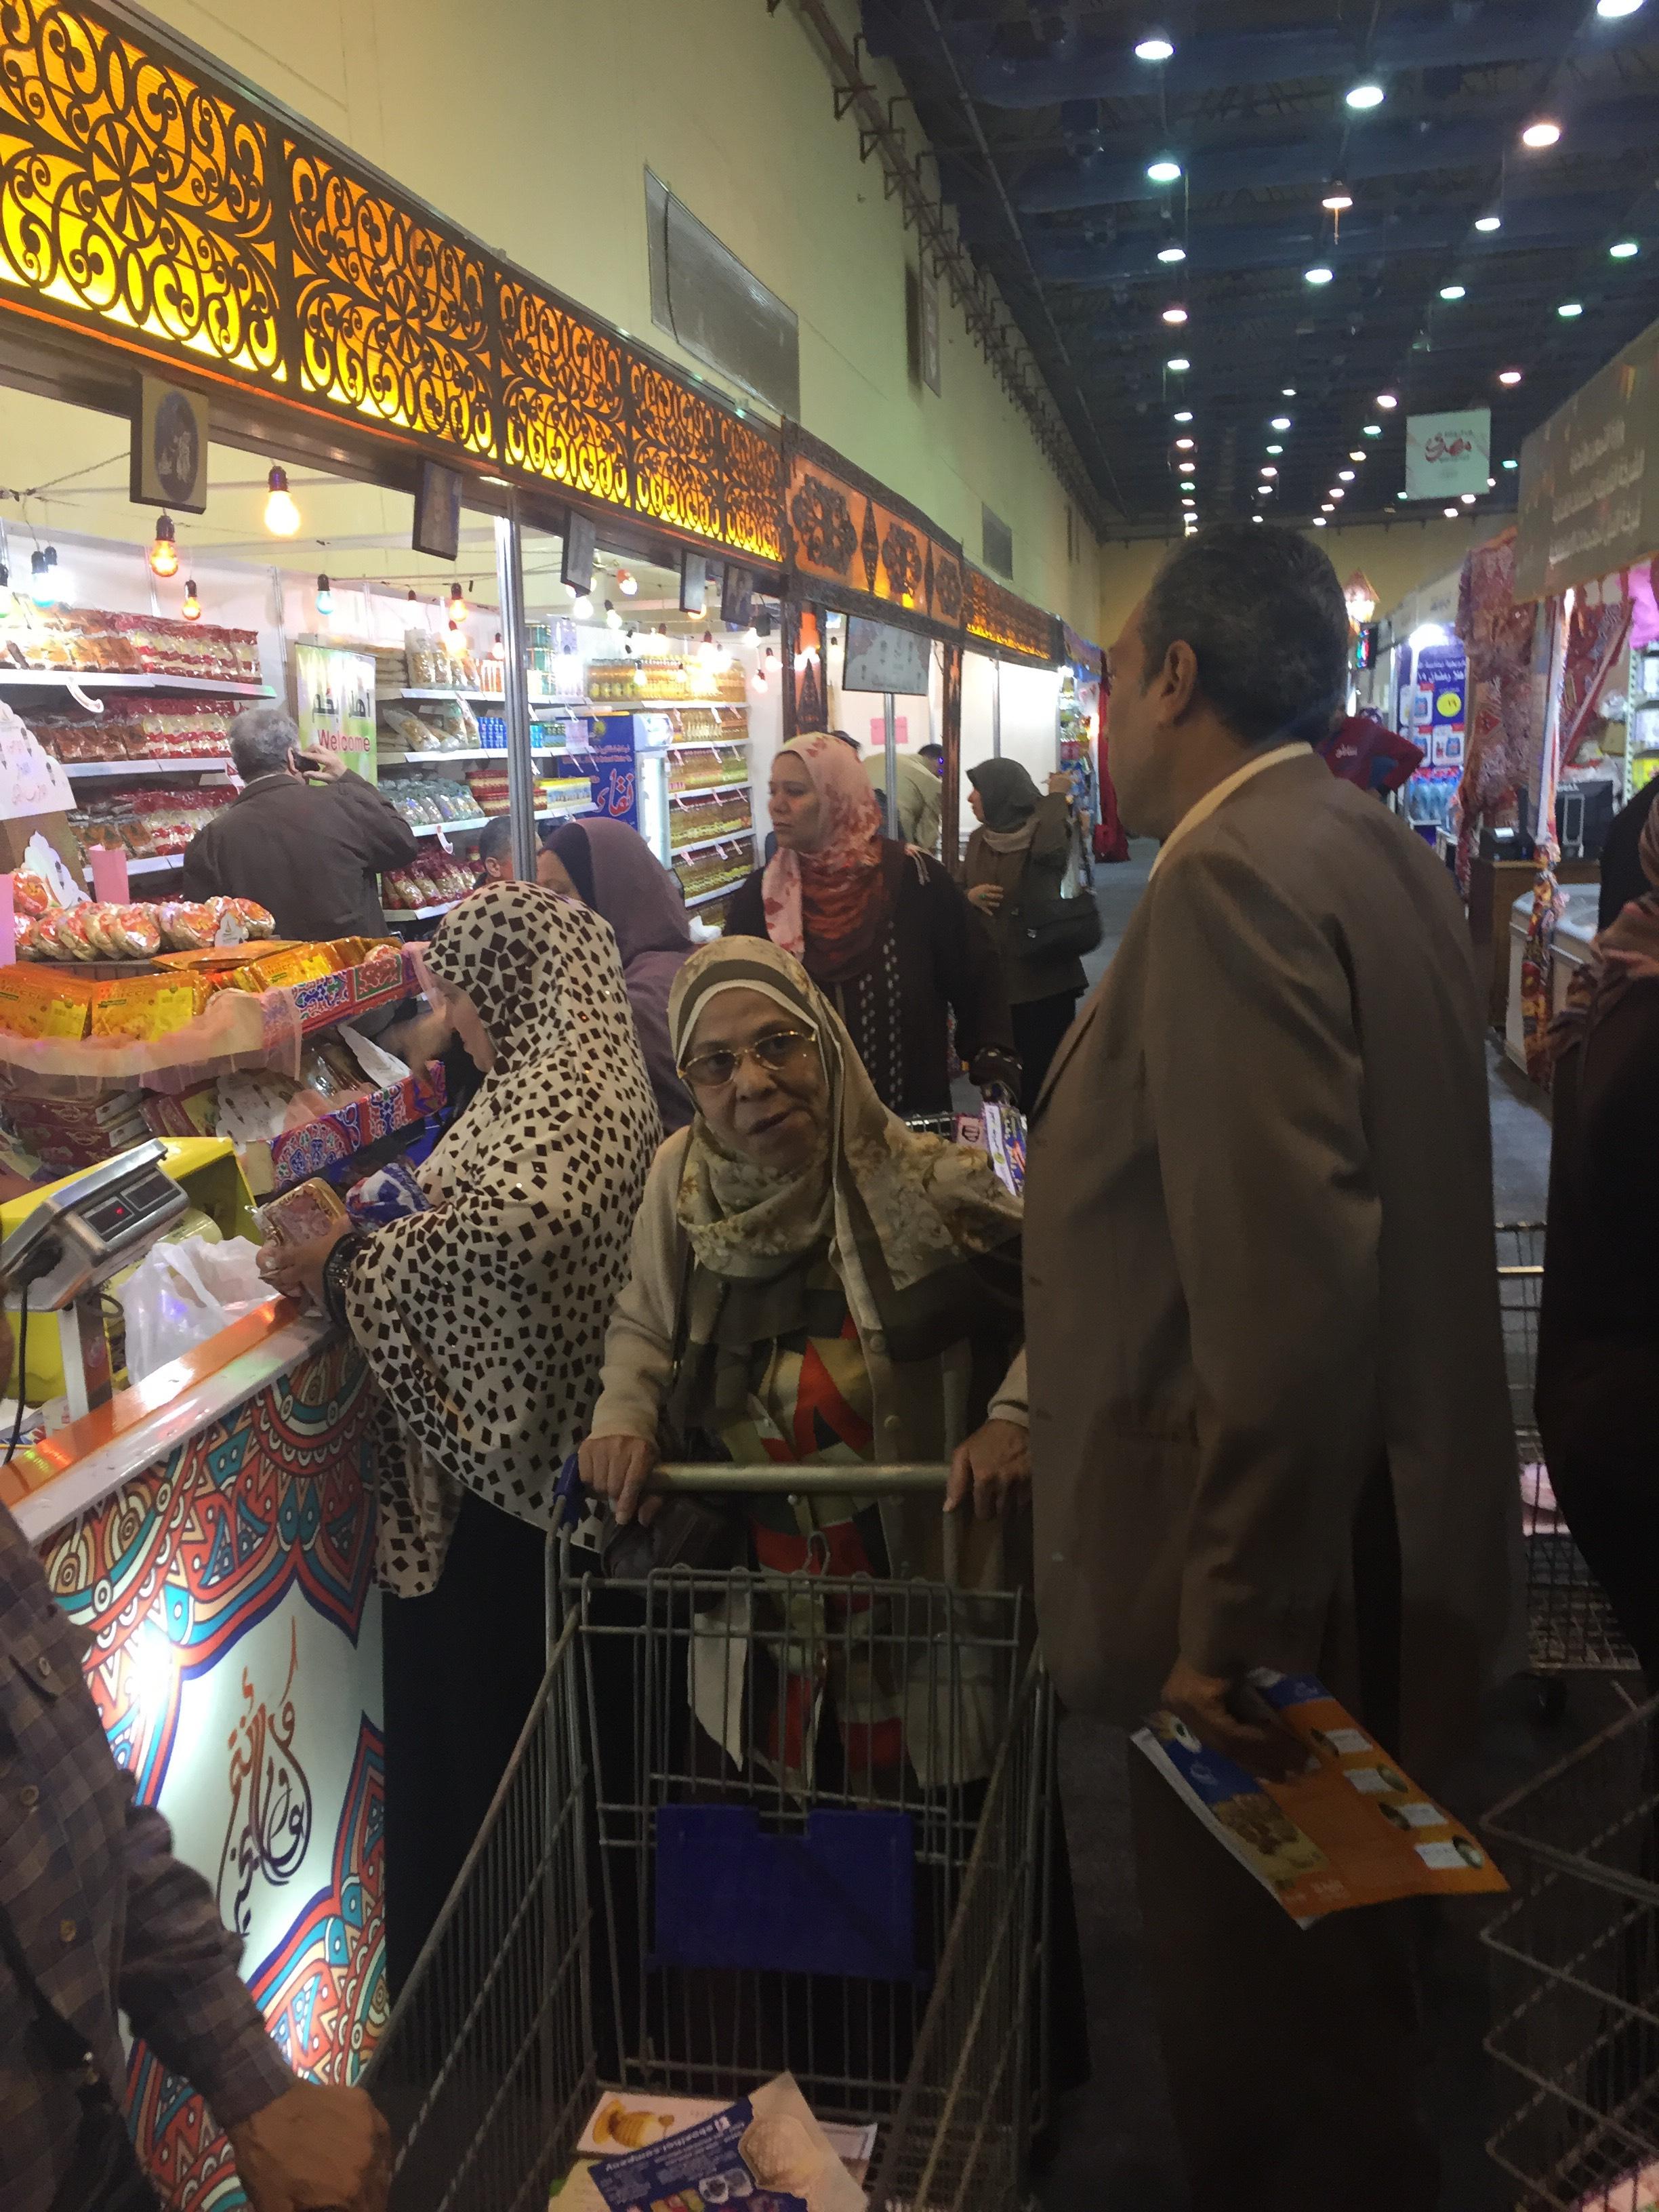 اقبال كبير على معرض سوبر ماركت اهلا رمضان فى يومه الاول (10)